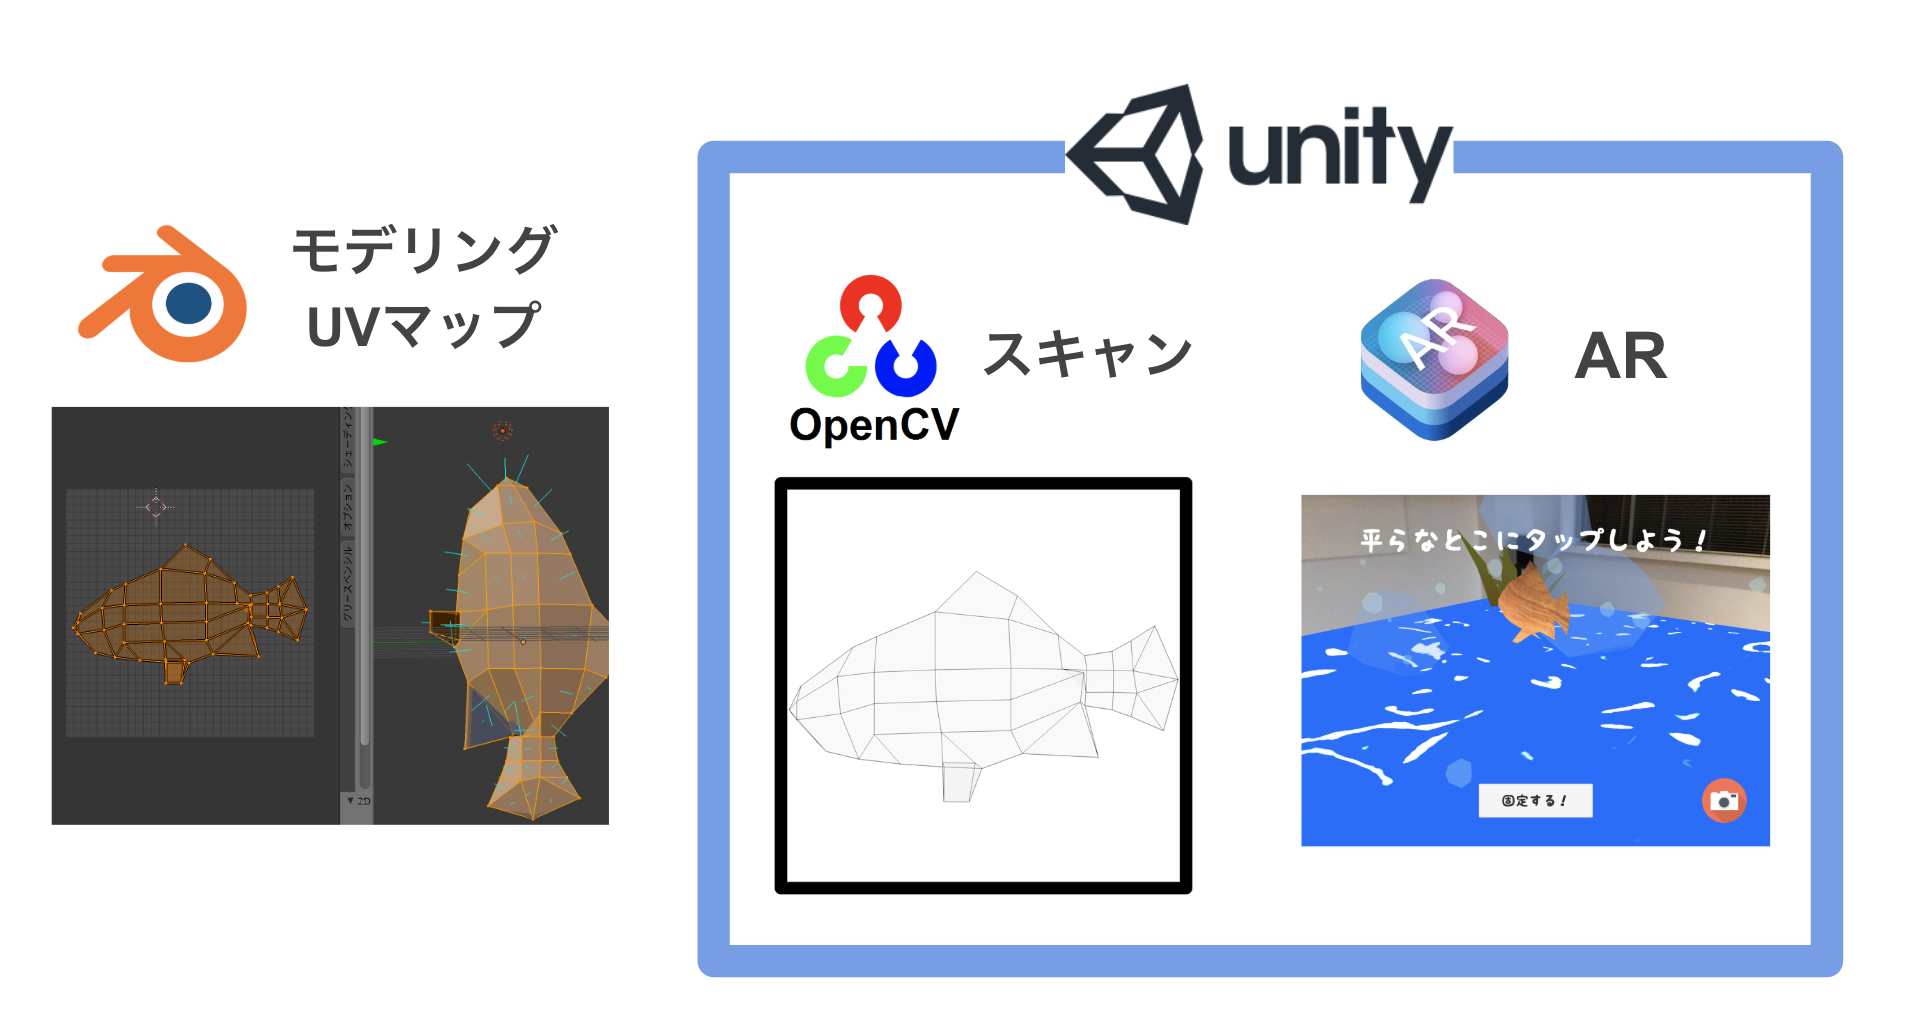 スクリーンショット 2019-03-23 9.47.46.png